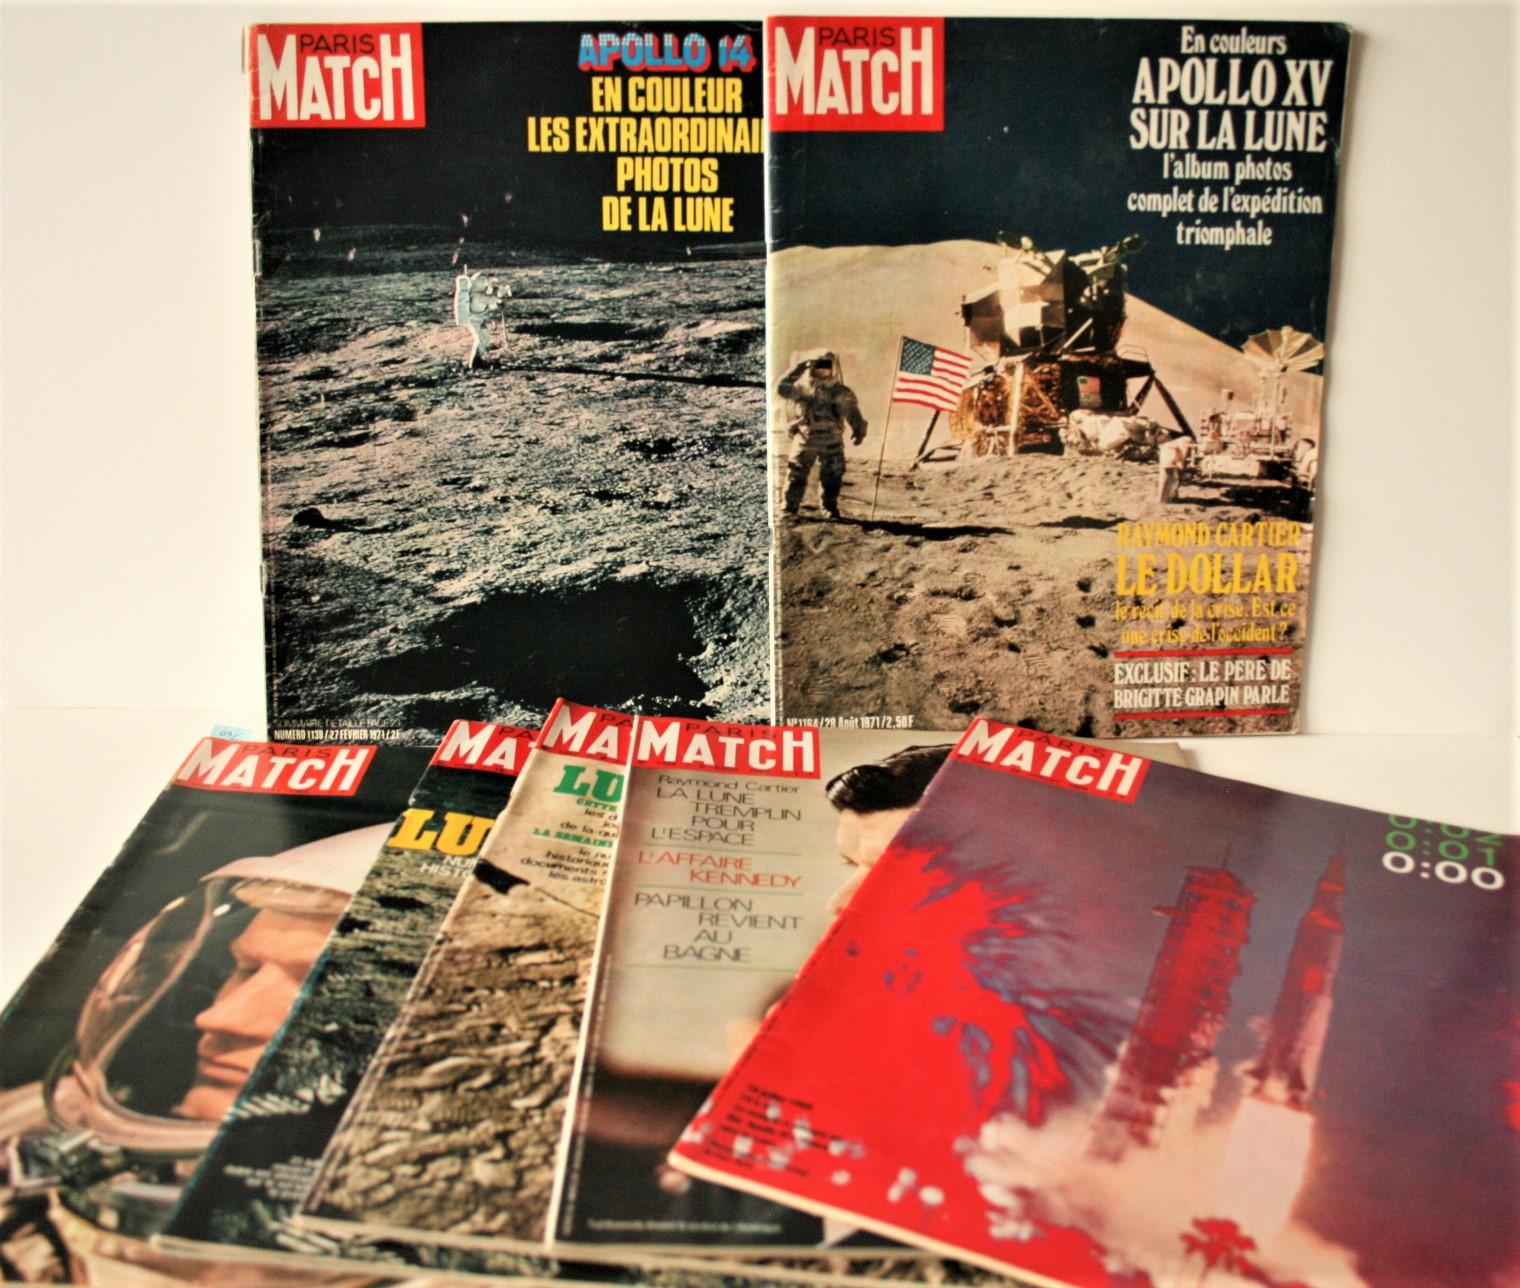 Lot 1 - Ensemble de 5 magazines PARIS-MATCH parus durant la mission APOLLO XI, du 19 juillet [...]